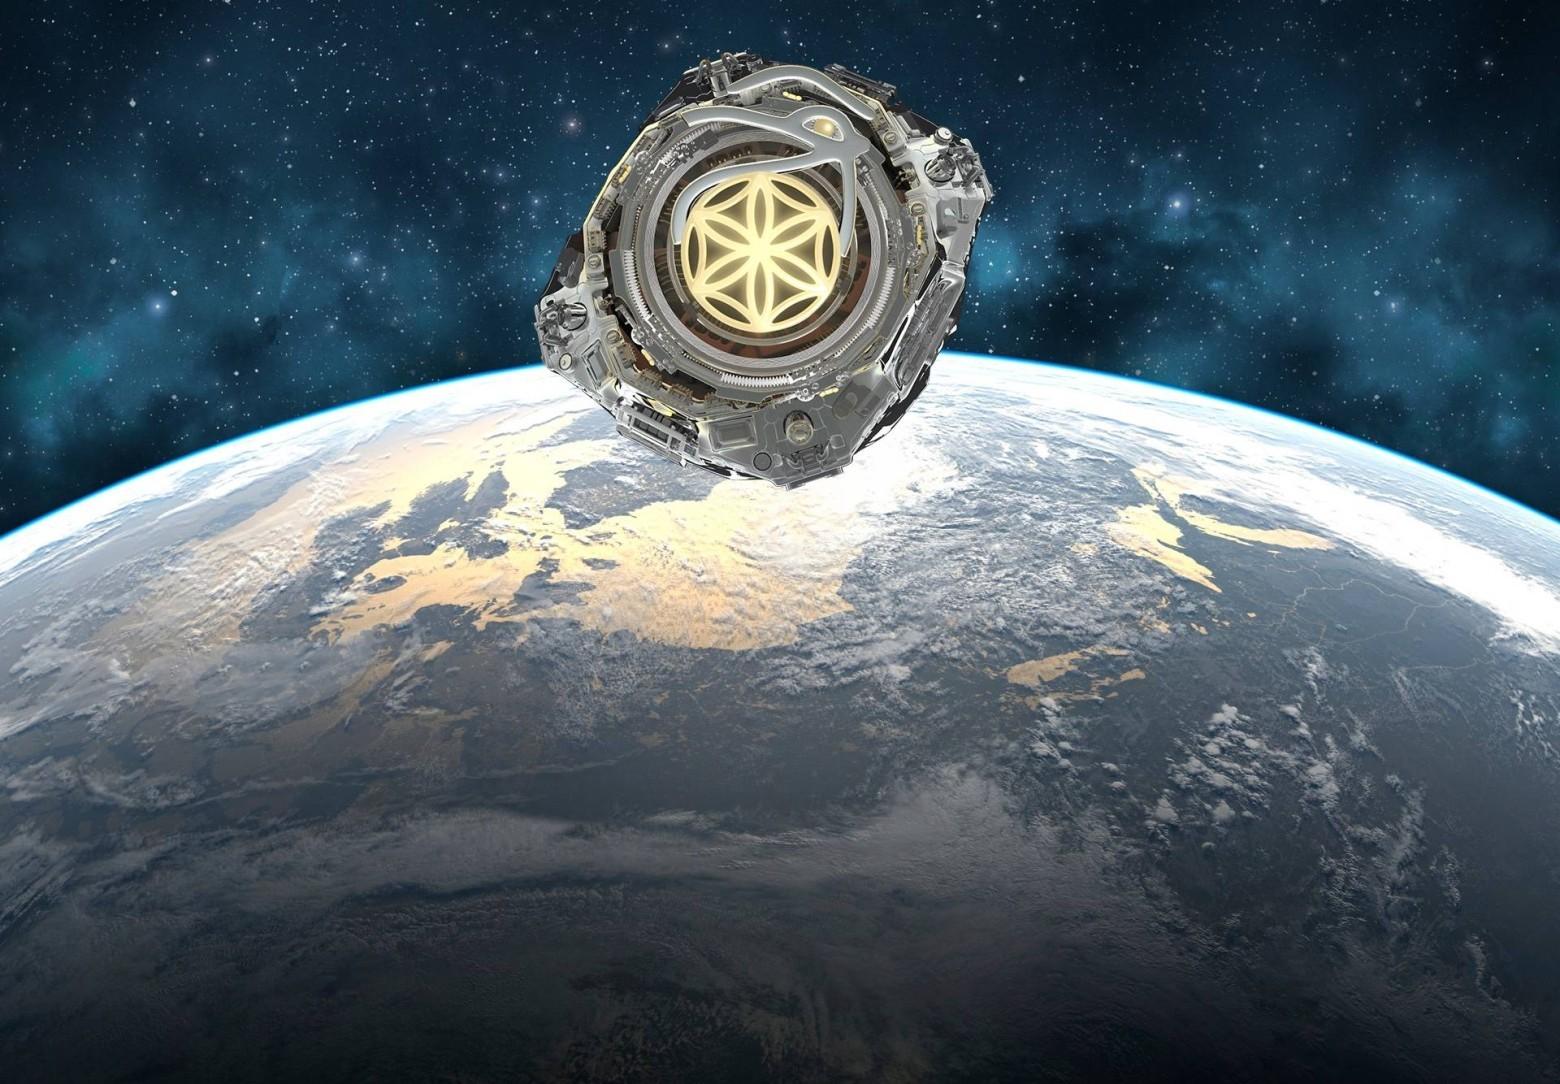 Асгардия: первая нация, которая собирается жить в космосе - 1